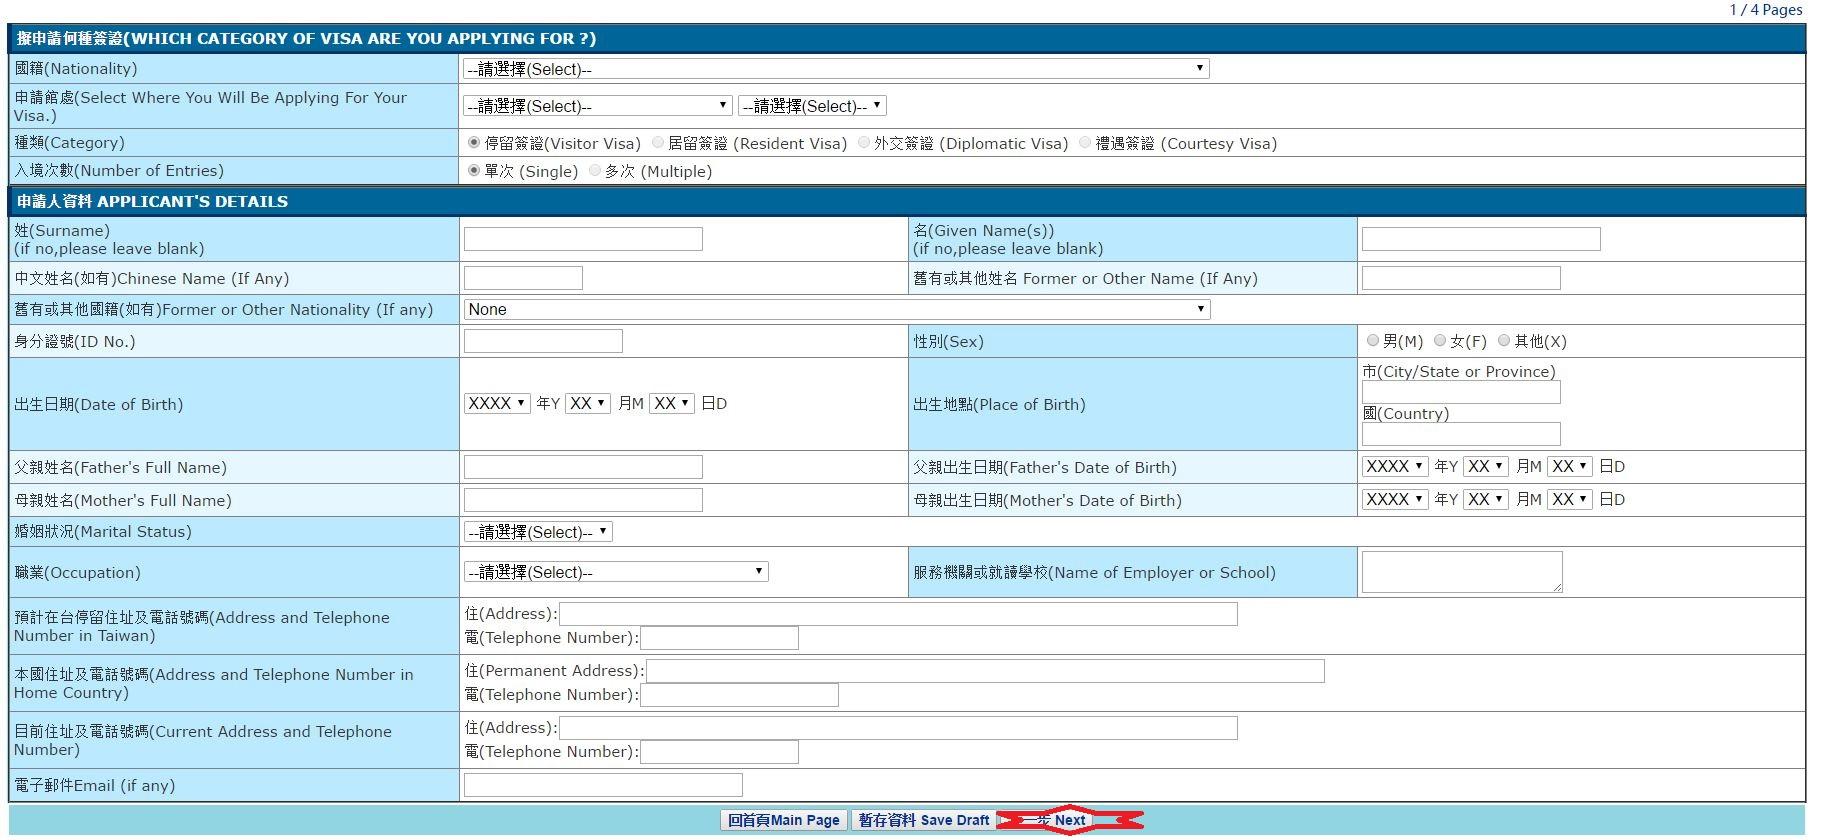 Электронная анкета на визу в Тайвань